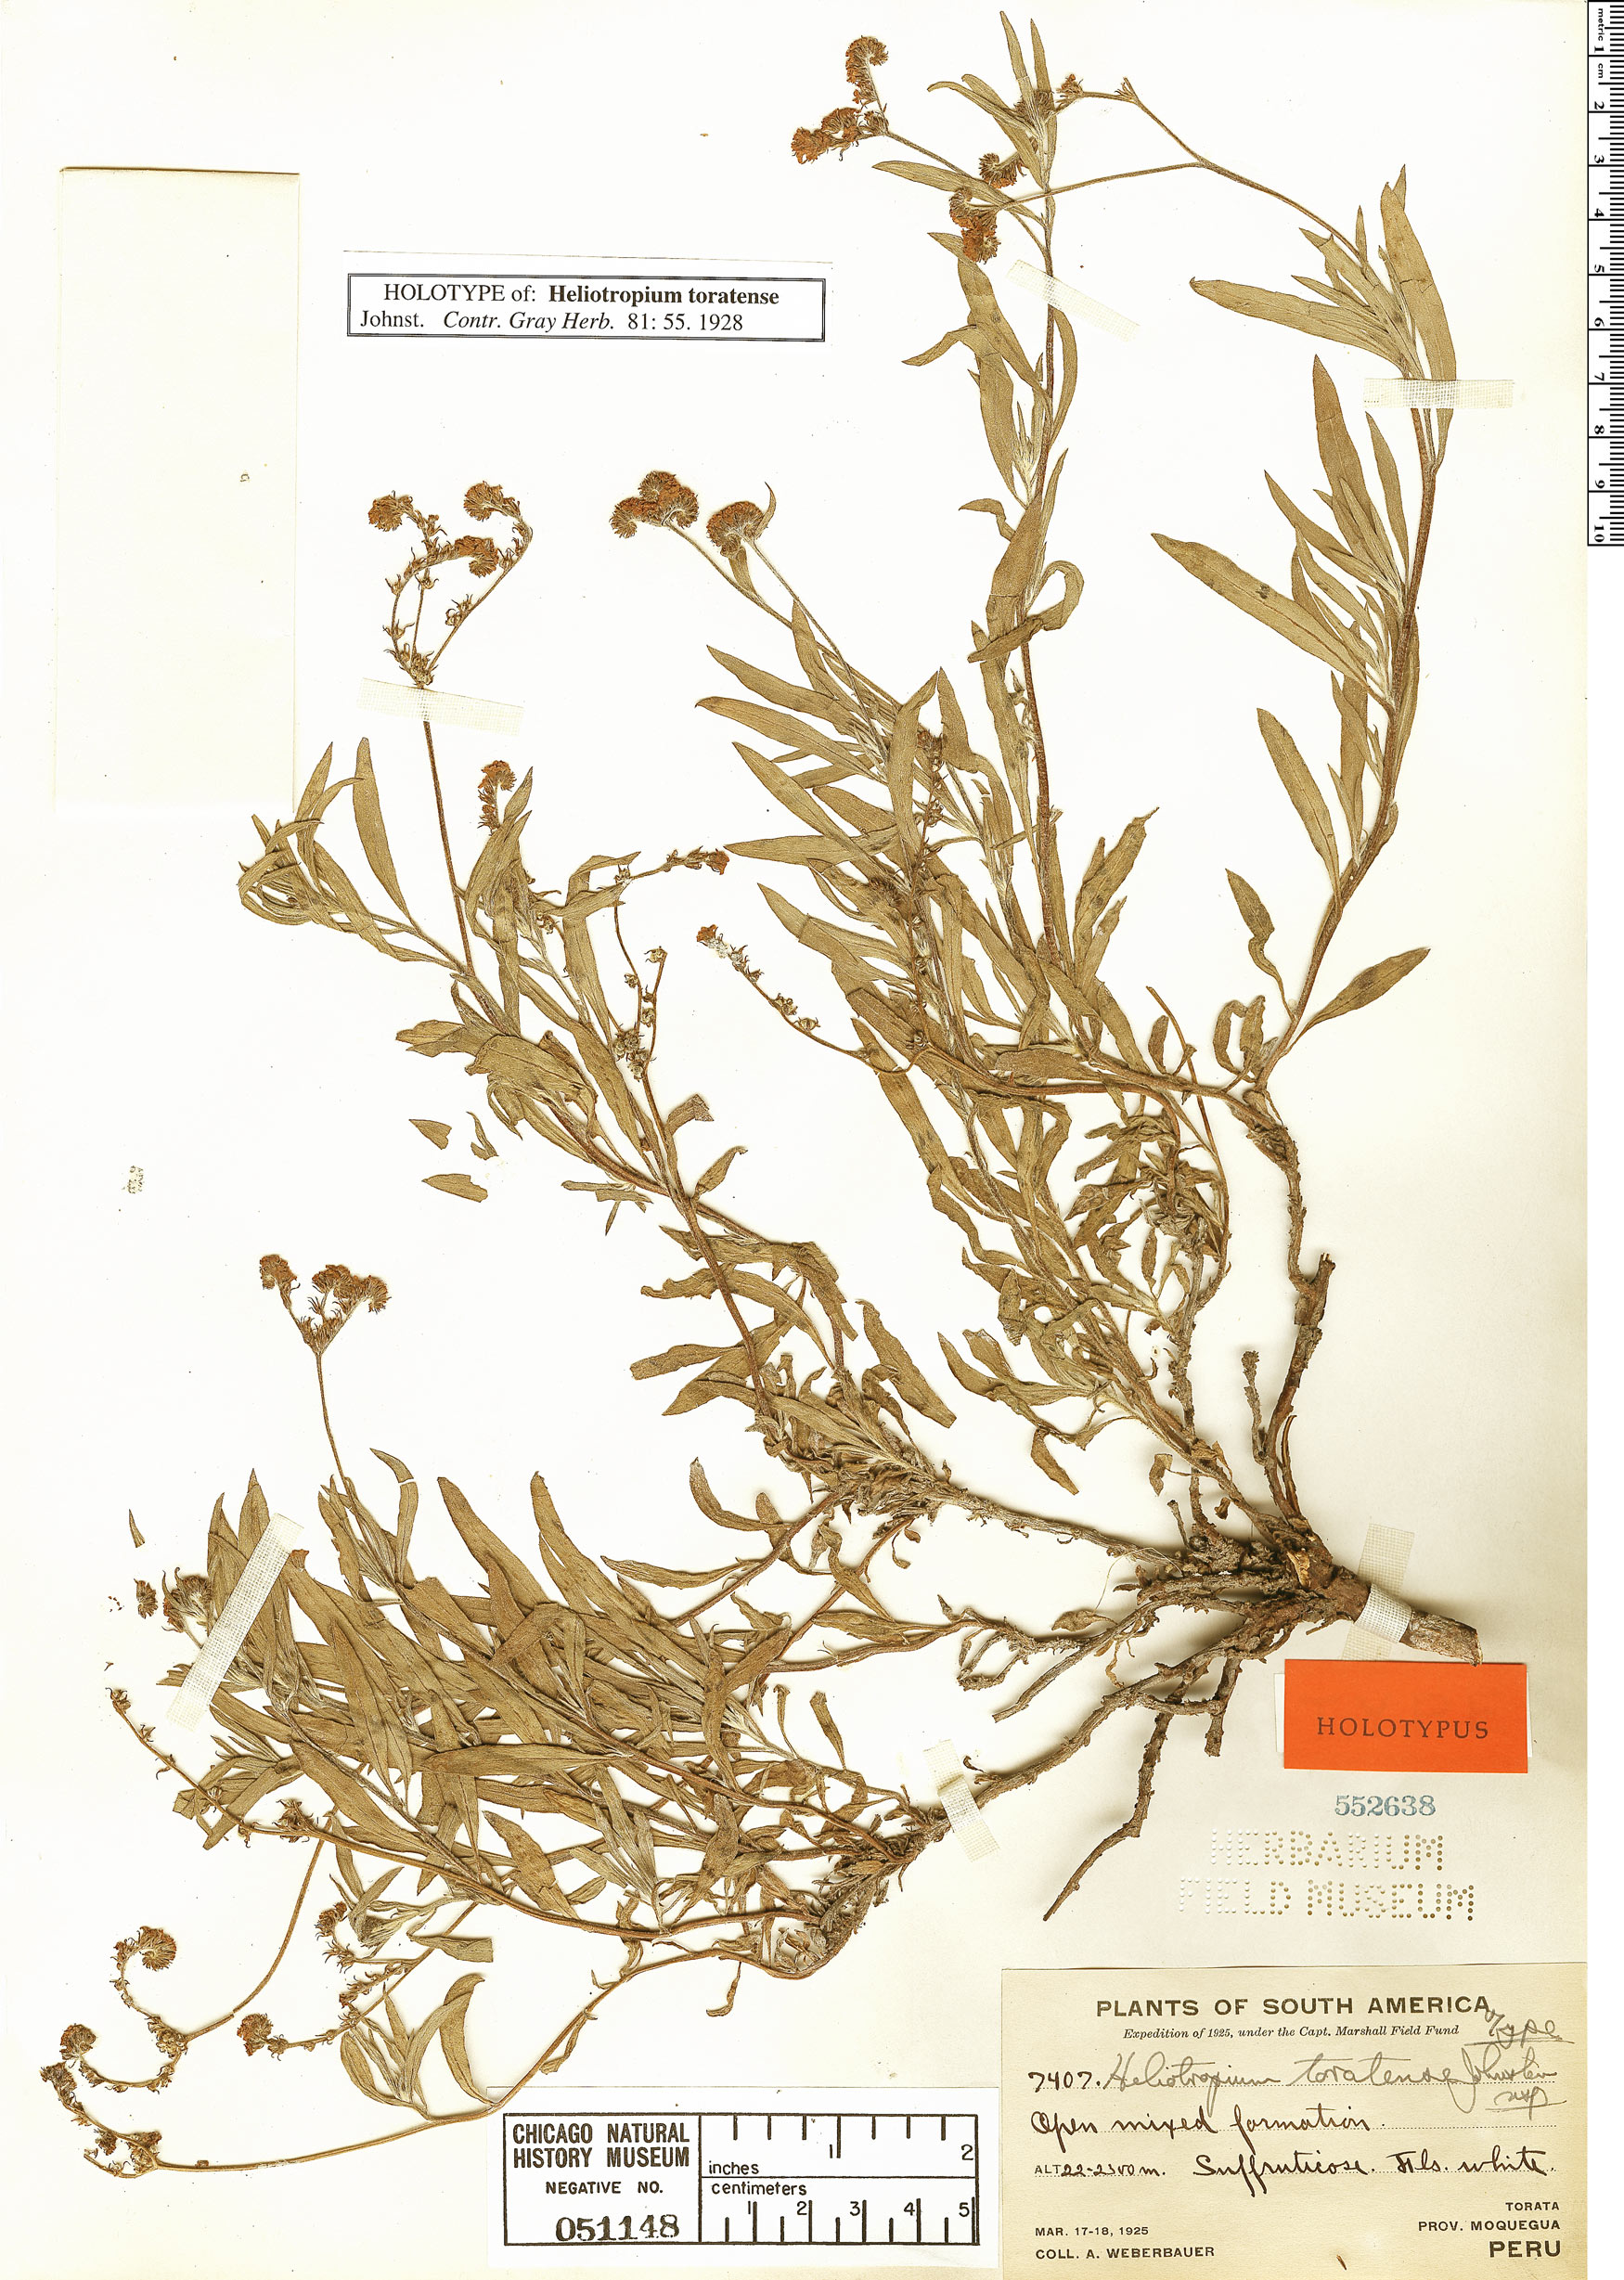 Specimen: Heliotropium toratense